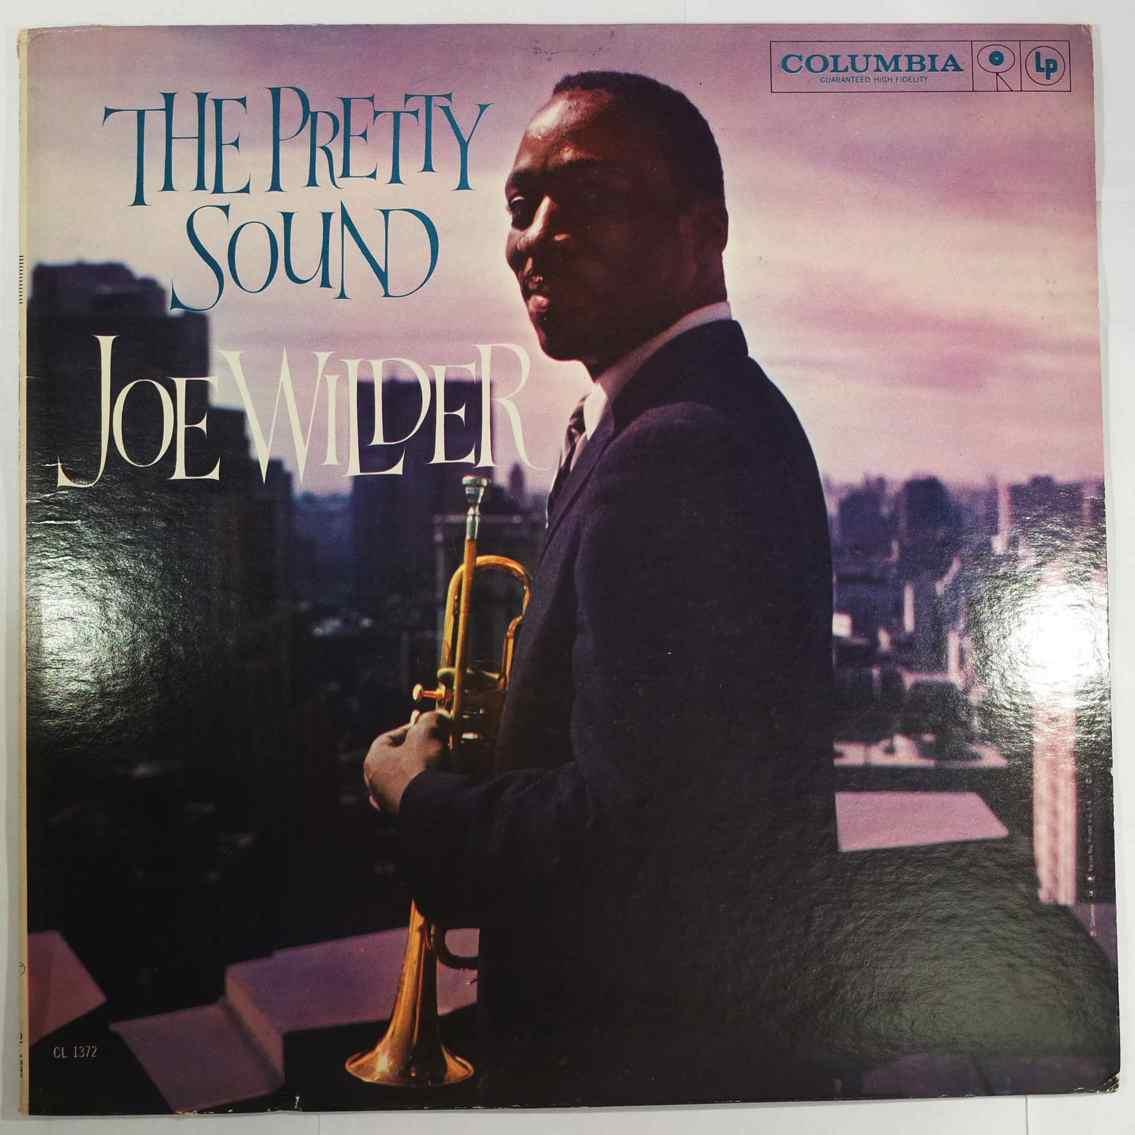 JOE WILDER - The Pretty Sound - LP